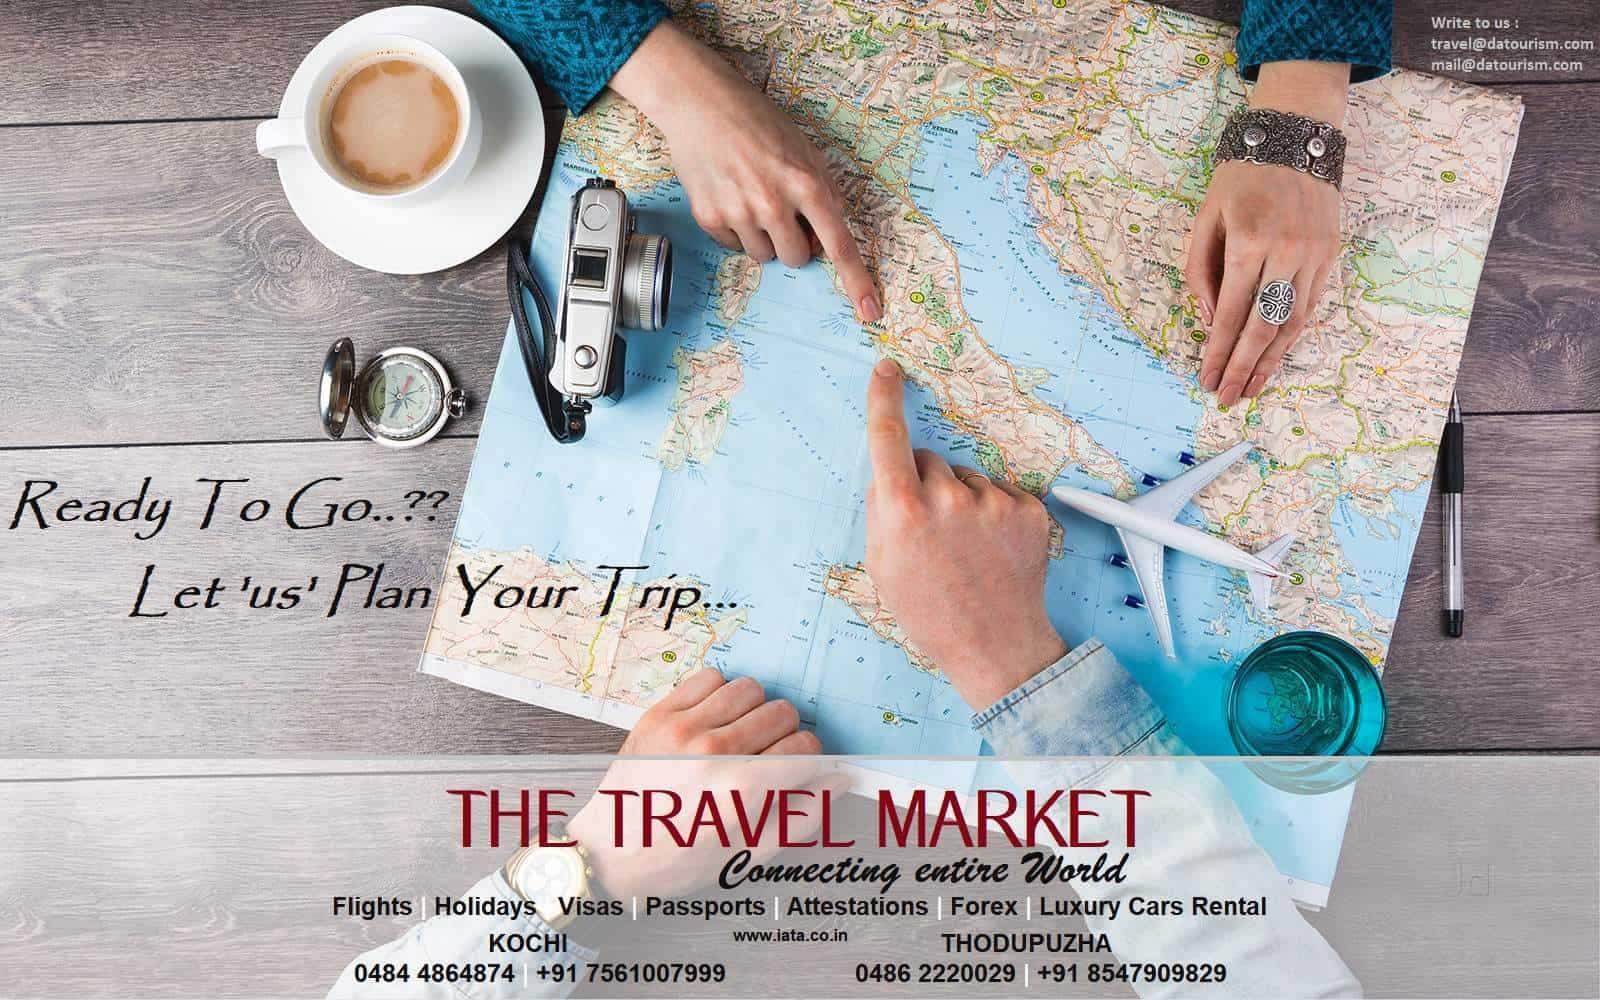 The Travel Market, Kaloor - Travel Agents in Ernakulam